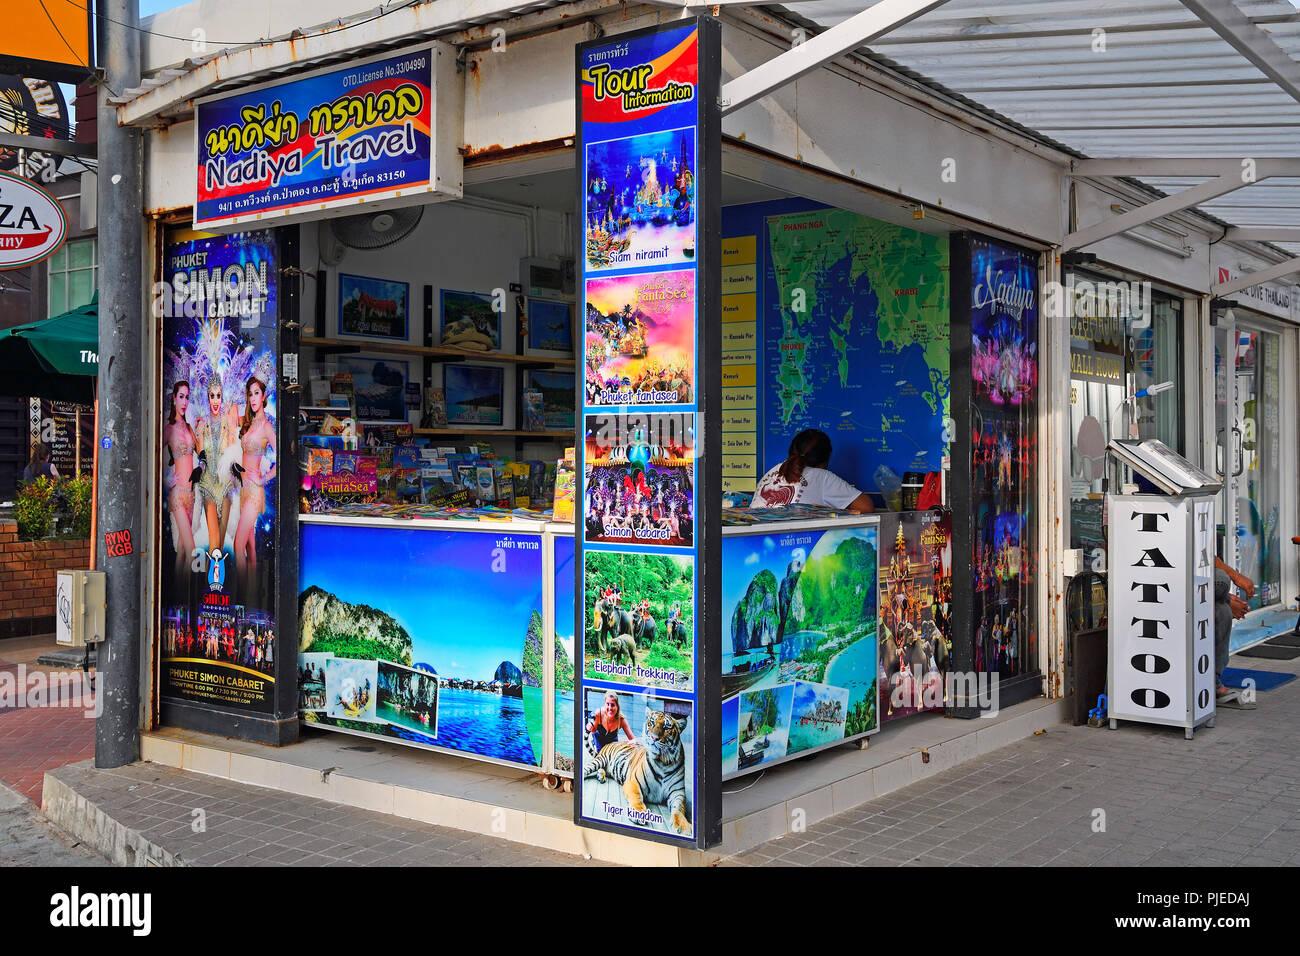 Typische Straße Zustand für die Buchung von Führungen und Ausflügen, Patong Beach, Phuket, Thailand, typischer Straßenstand und Buchung von Touren un Stockfoto